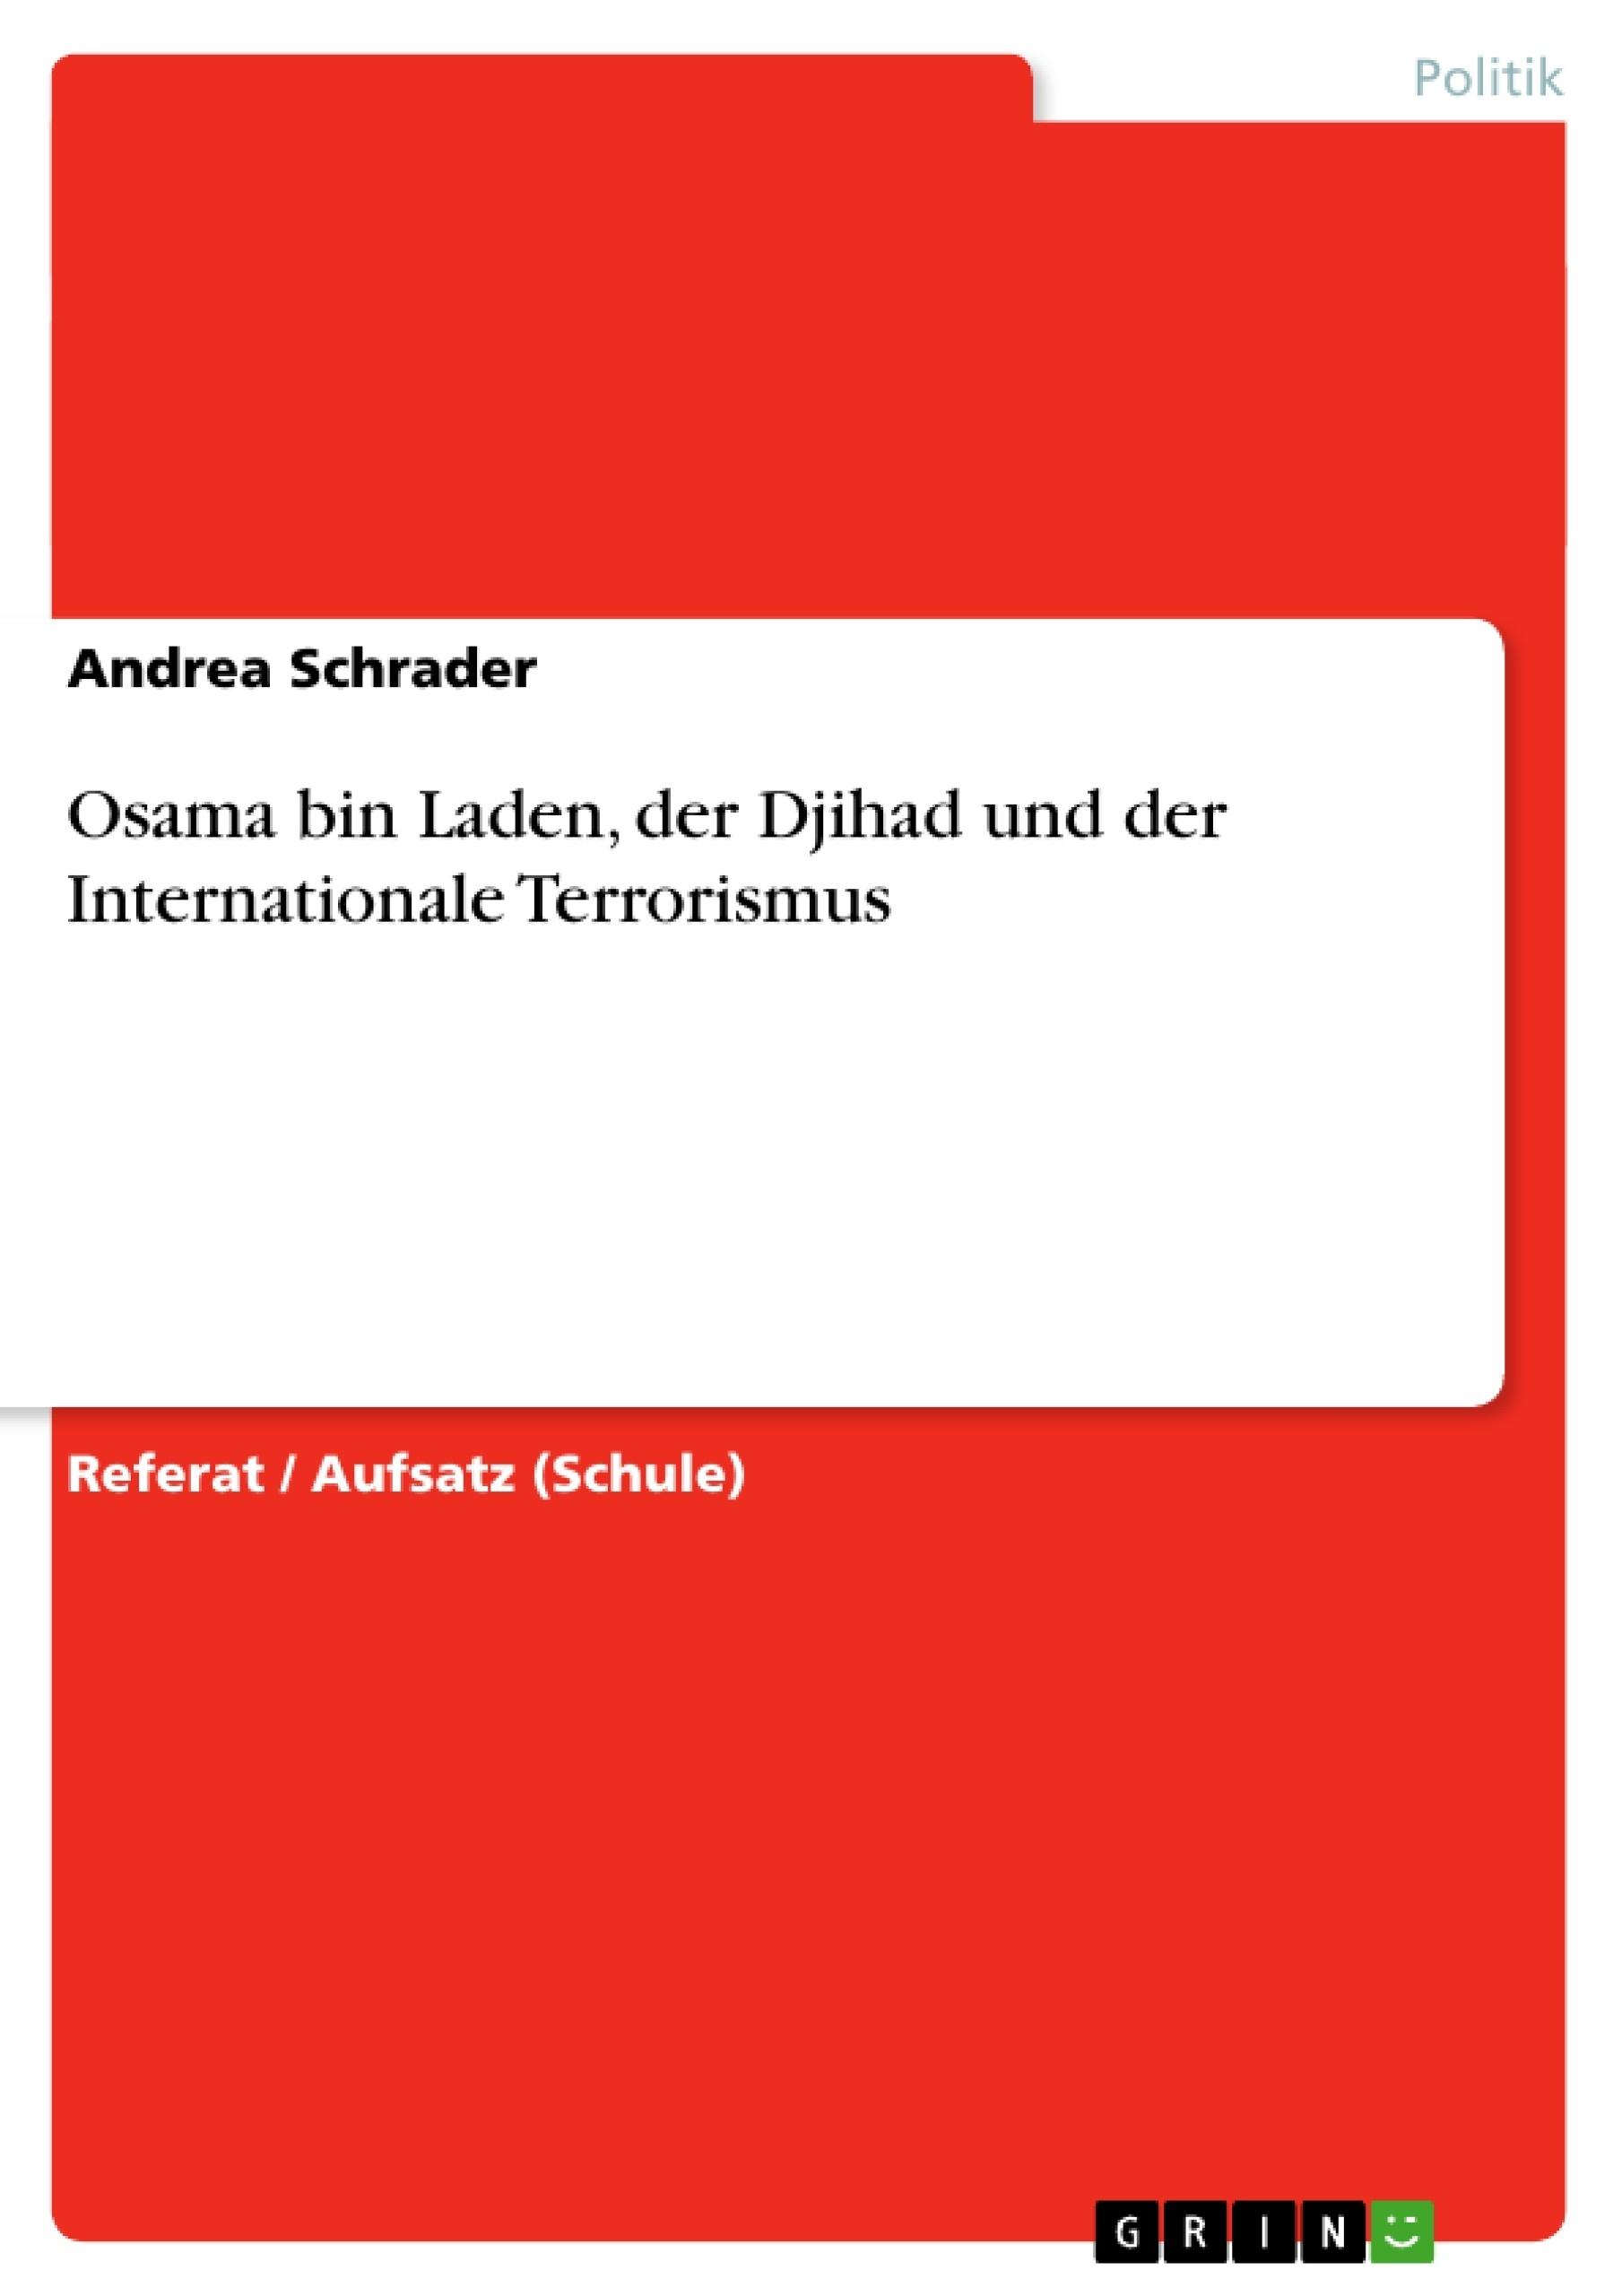 Titel: Osama bin Laden, der Djihad und der Internationale Terrorismus